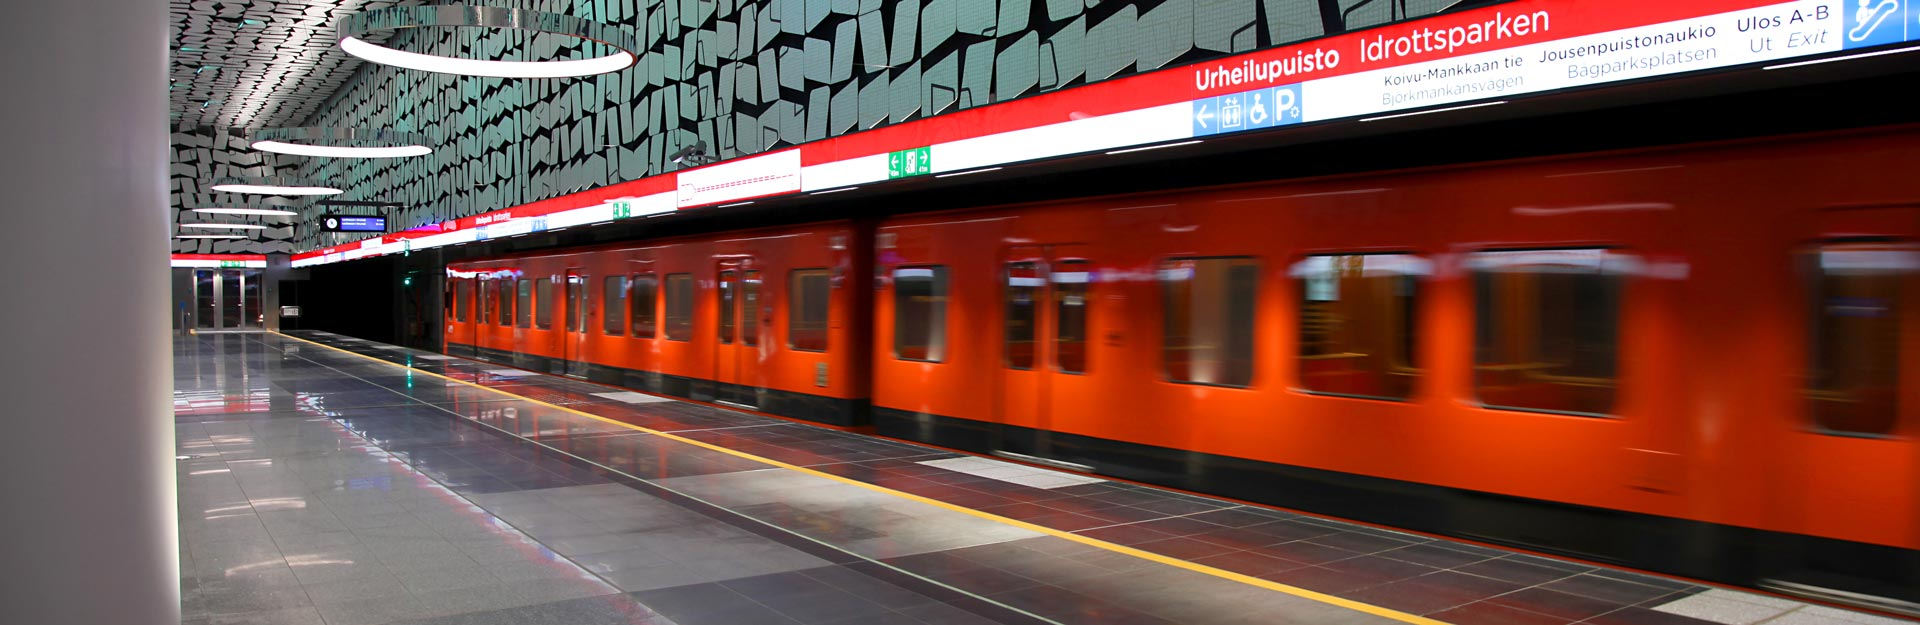 A metro standing at Urheilupuisto metro station.